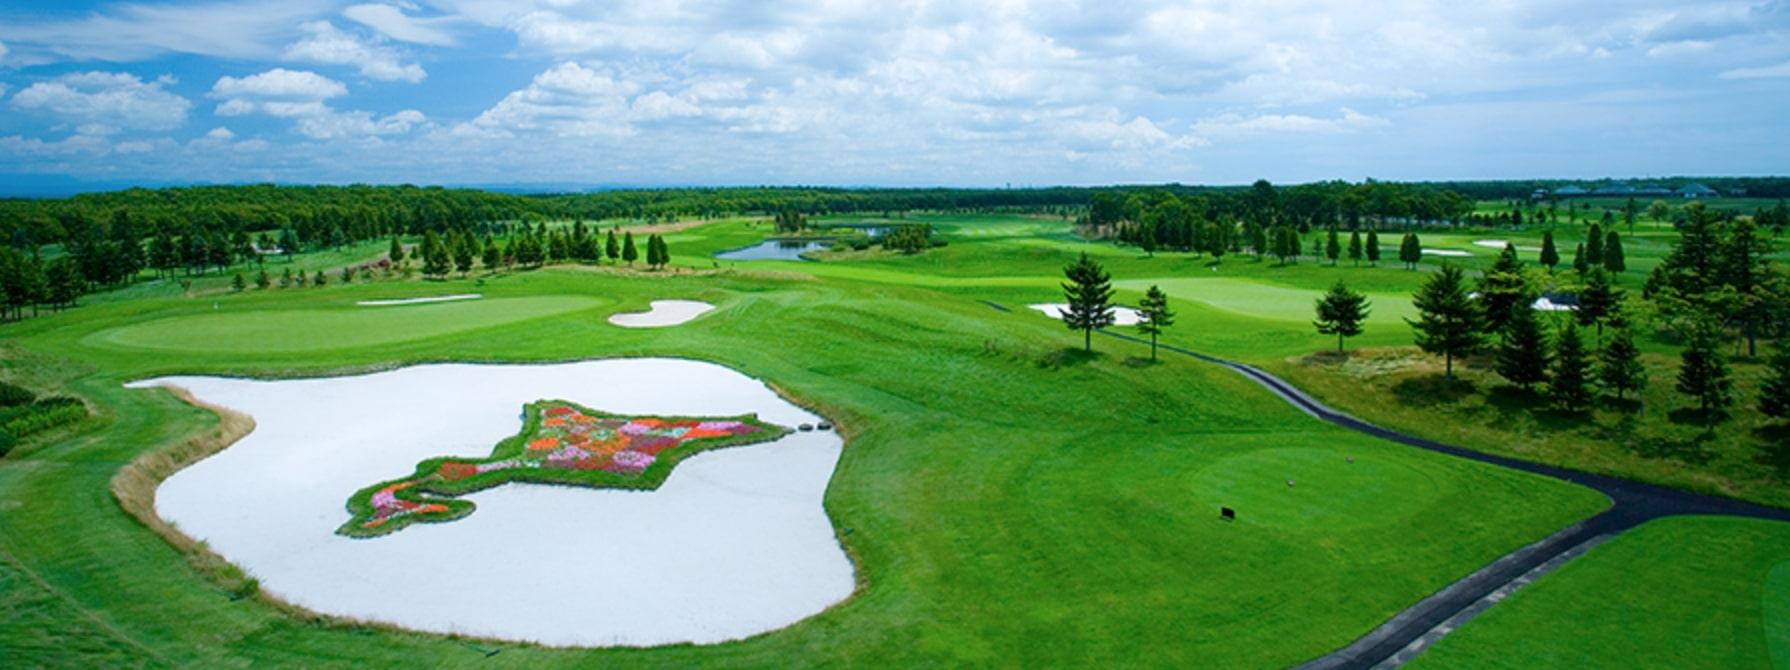 【北海道・札幌近郊のゴルフ場】超名門おすすめザ・ノースカントリーゴルフコース